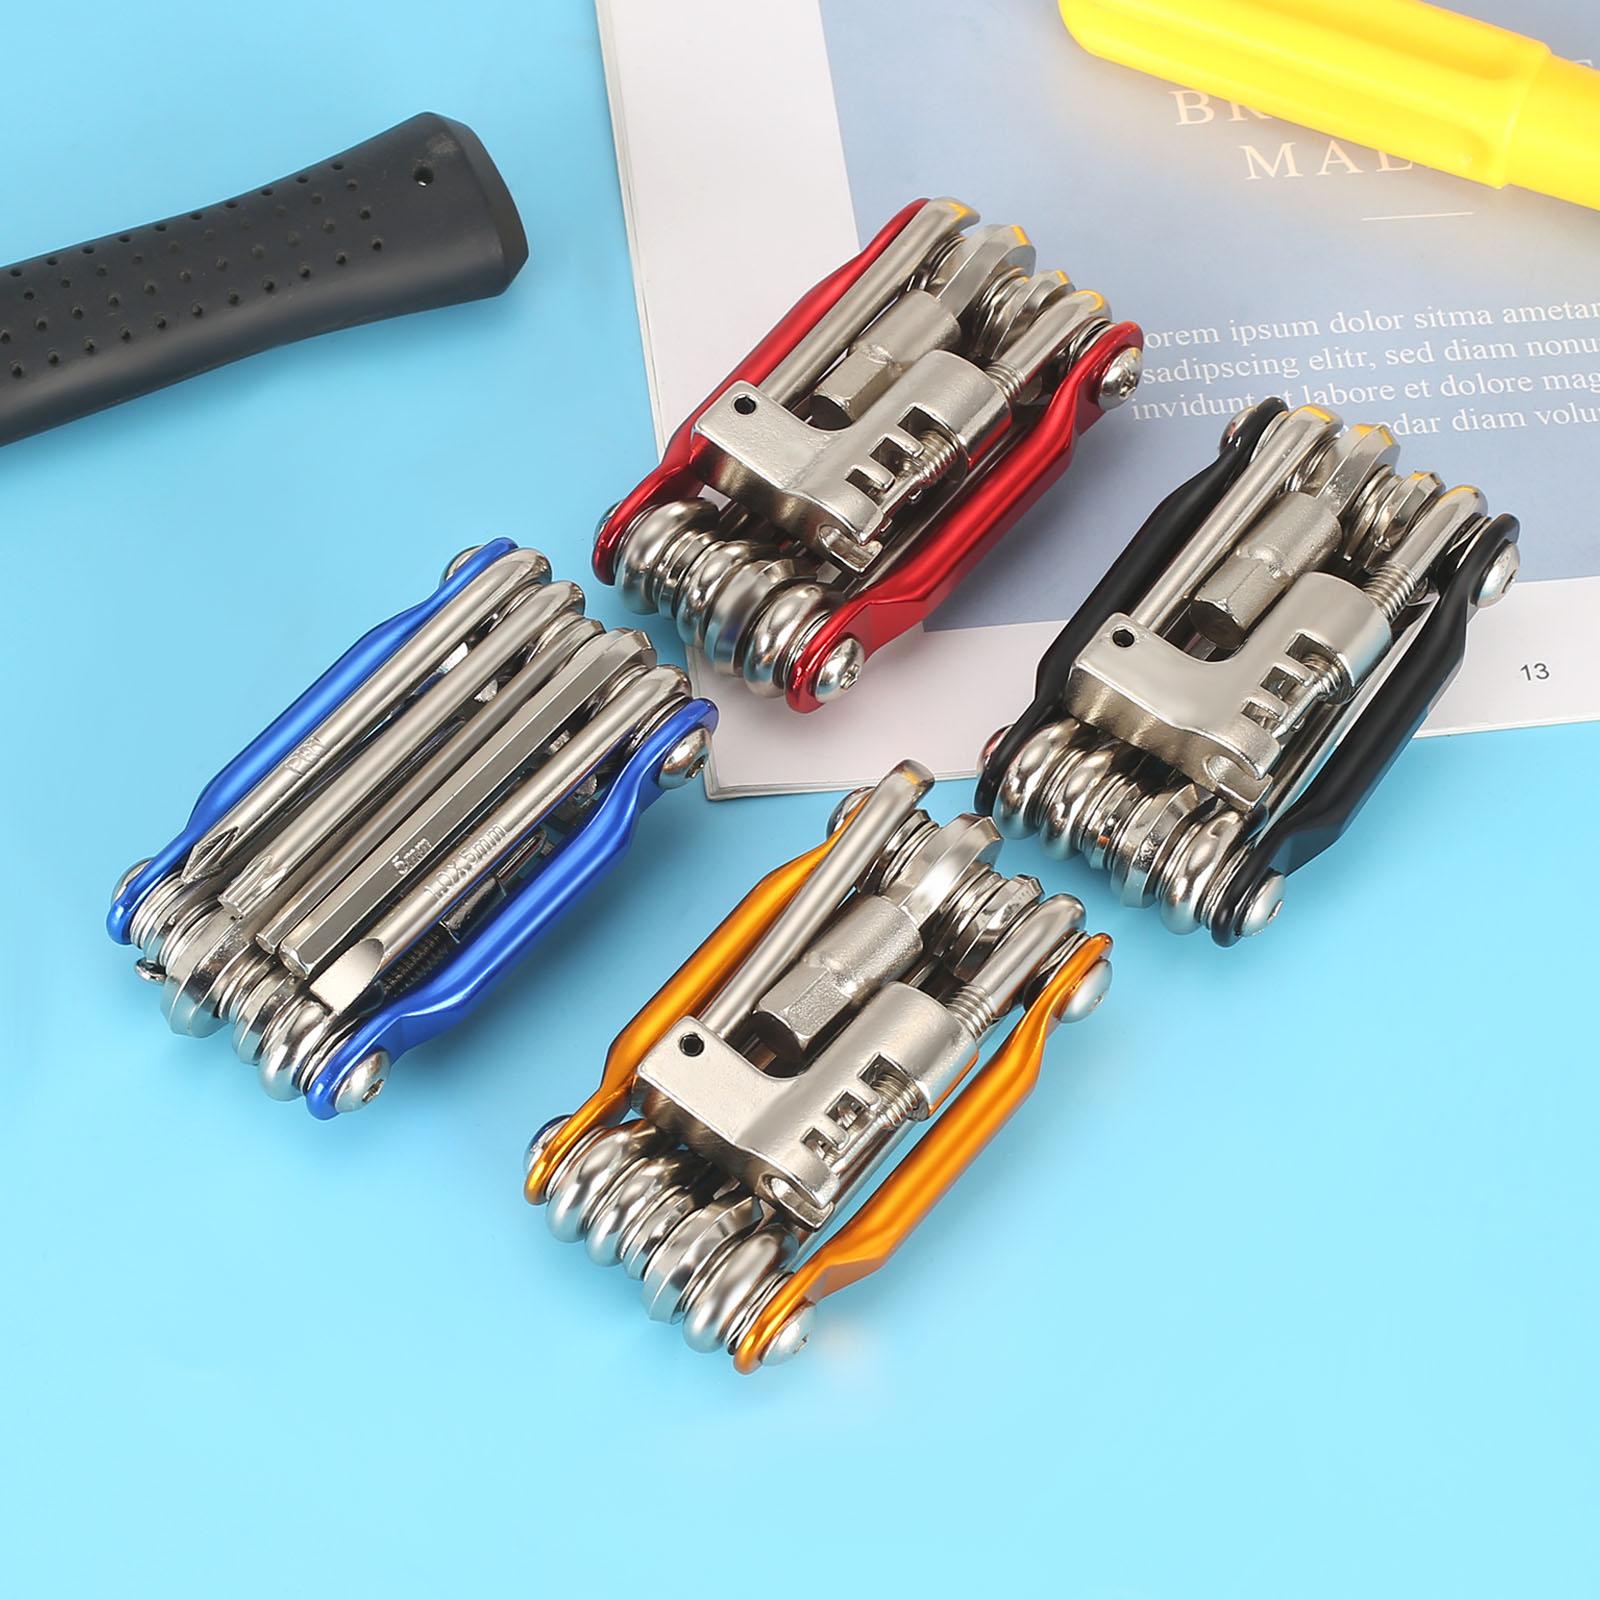 Kit d'outils de réparation de vélo multifonction 11 en 1, tournevis à clé, chaîne à rayons hexagonaux, outils de cyclisme en montagne